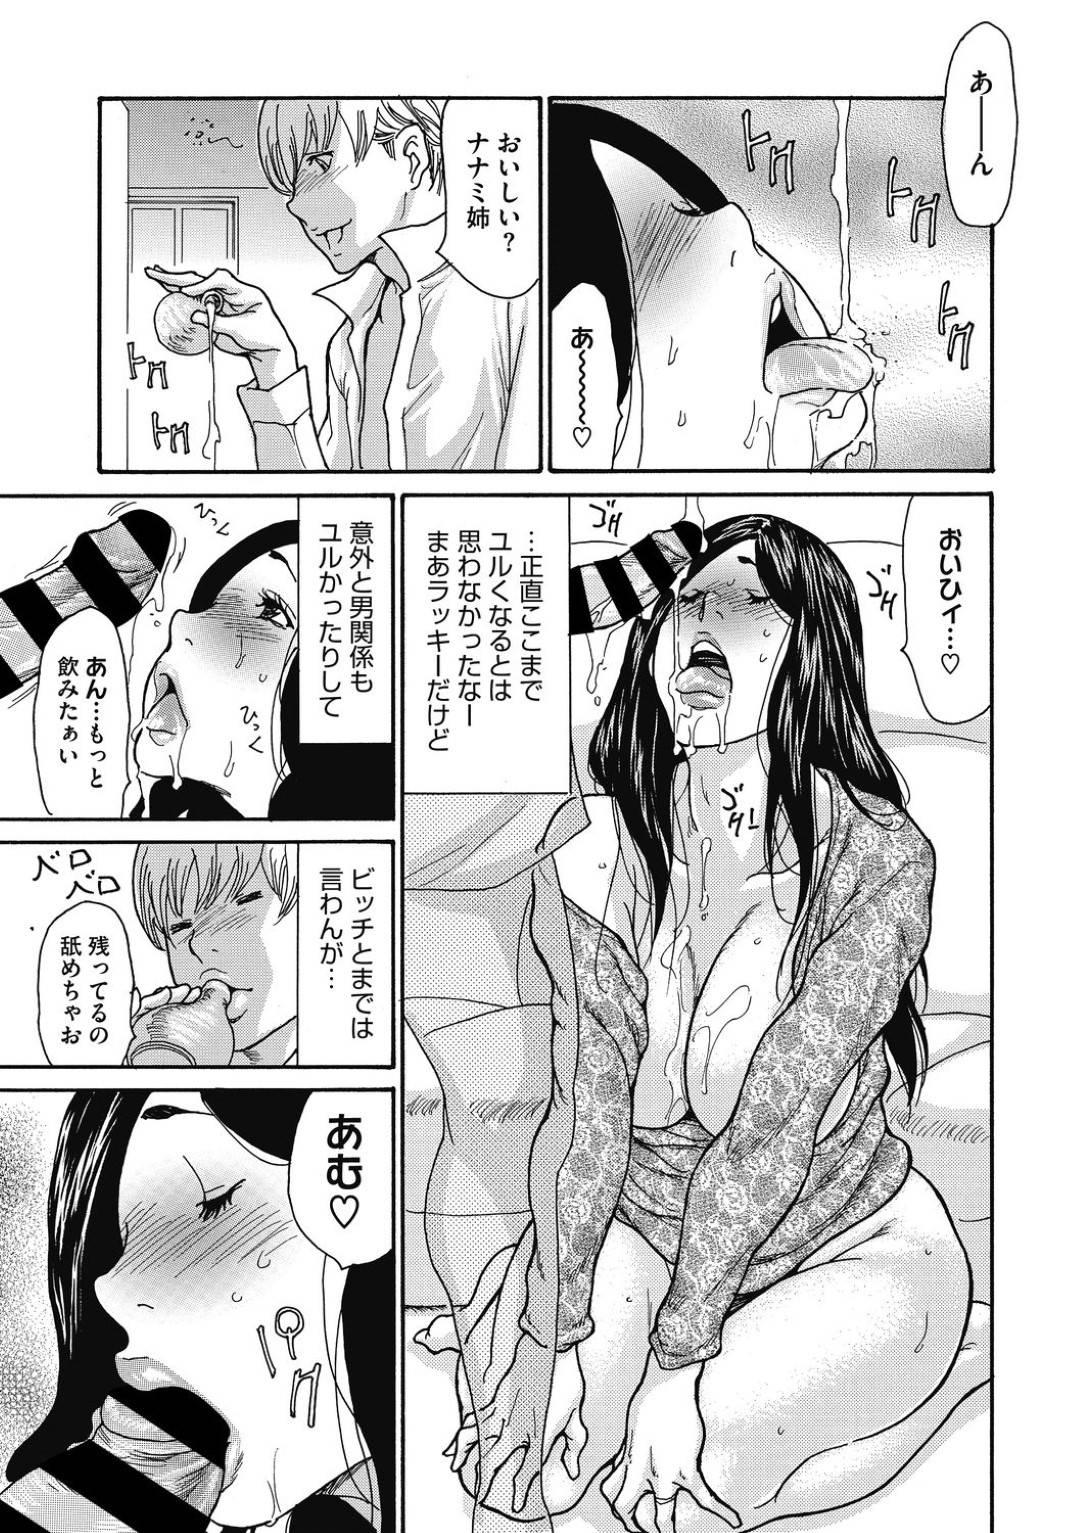 【エロ漫画】夫の弟と家で酒を飲んでいた爆乳妻は谷間にこぼれた酒を舐められ生ハメ不倫セックスで寝取られイキ